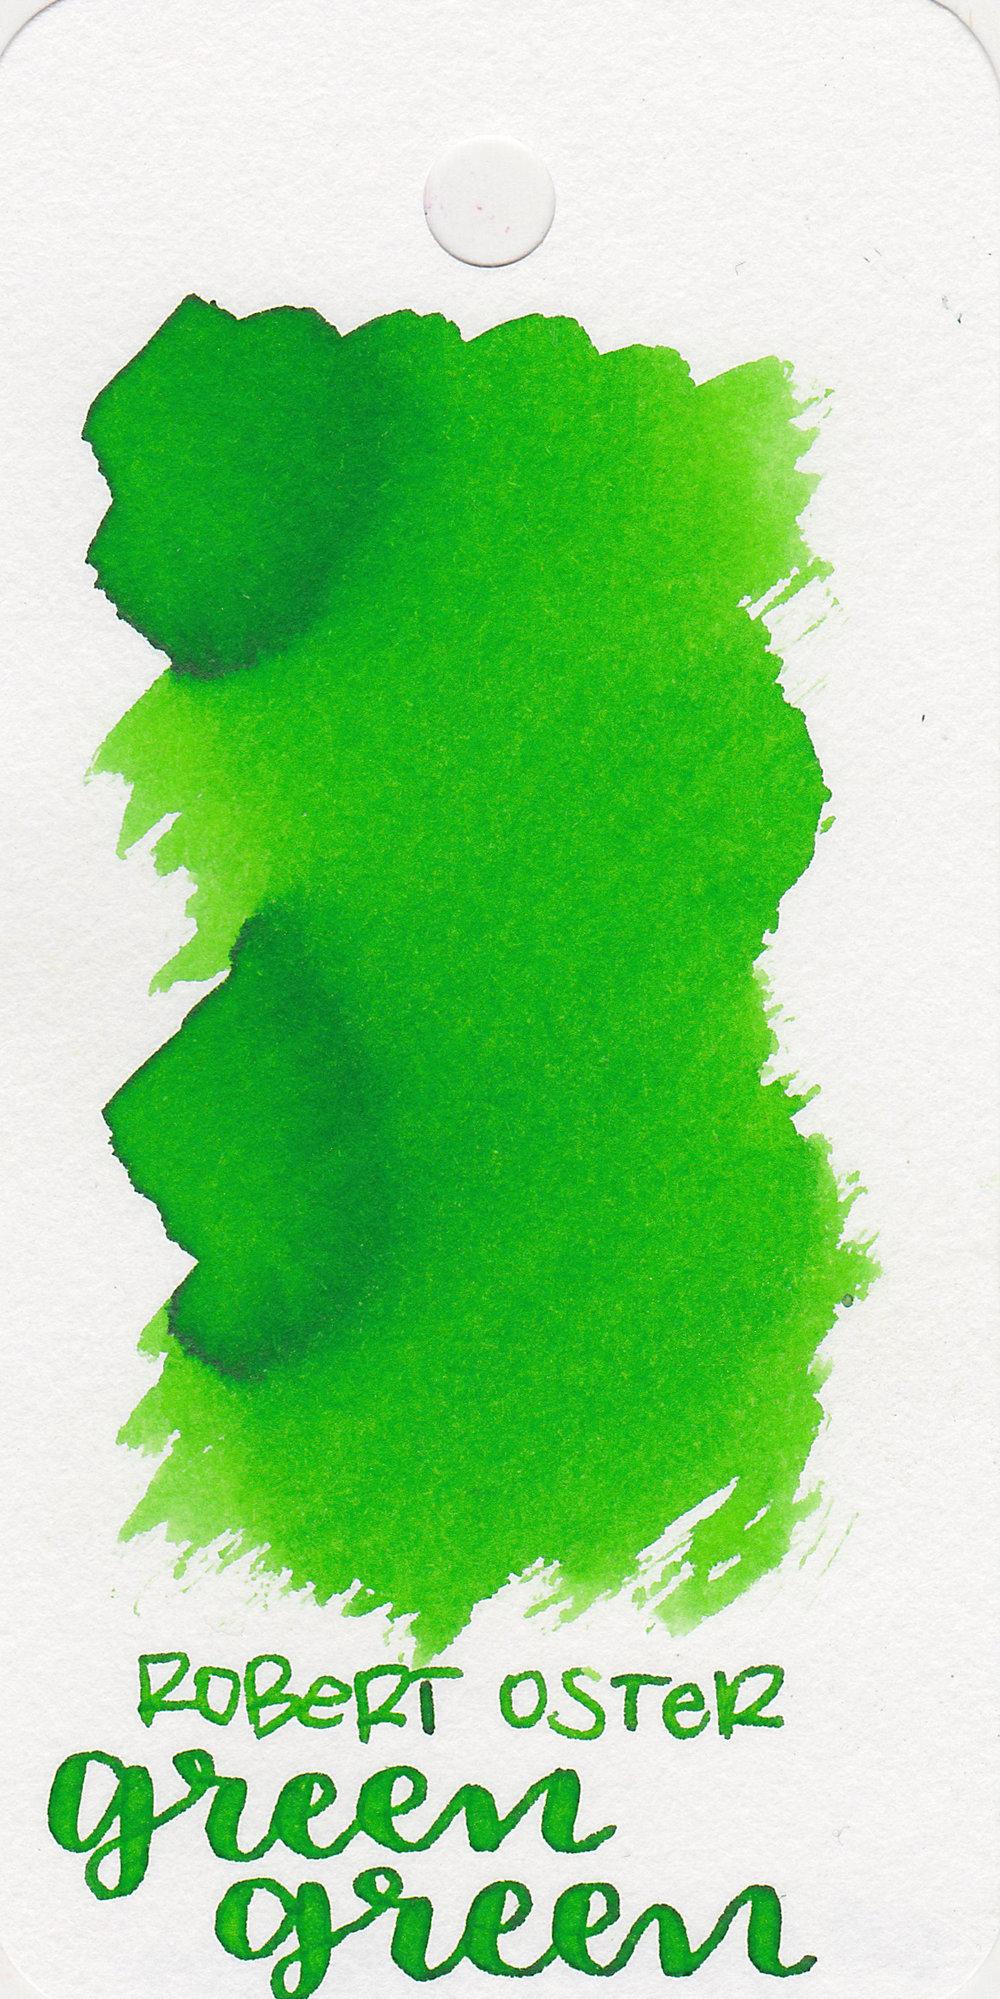 ro-green-green-4.jpg